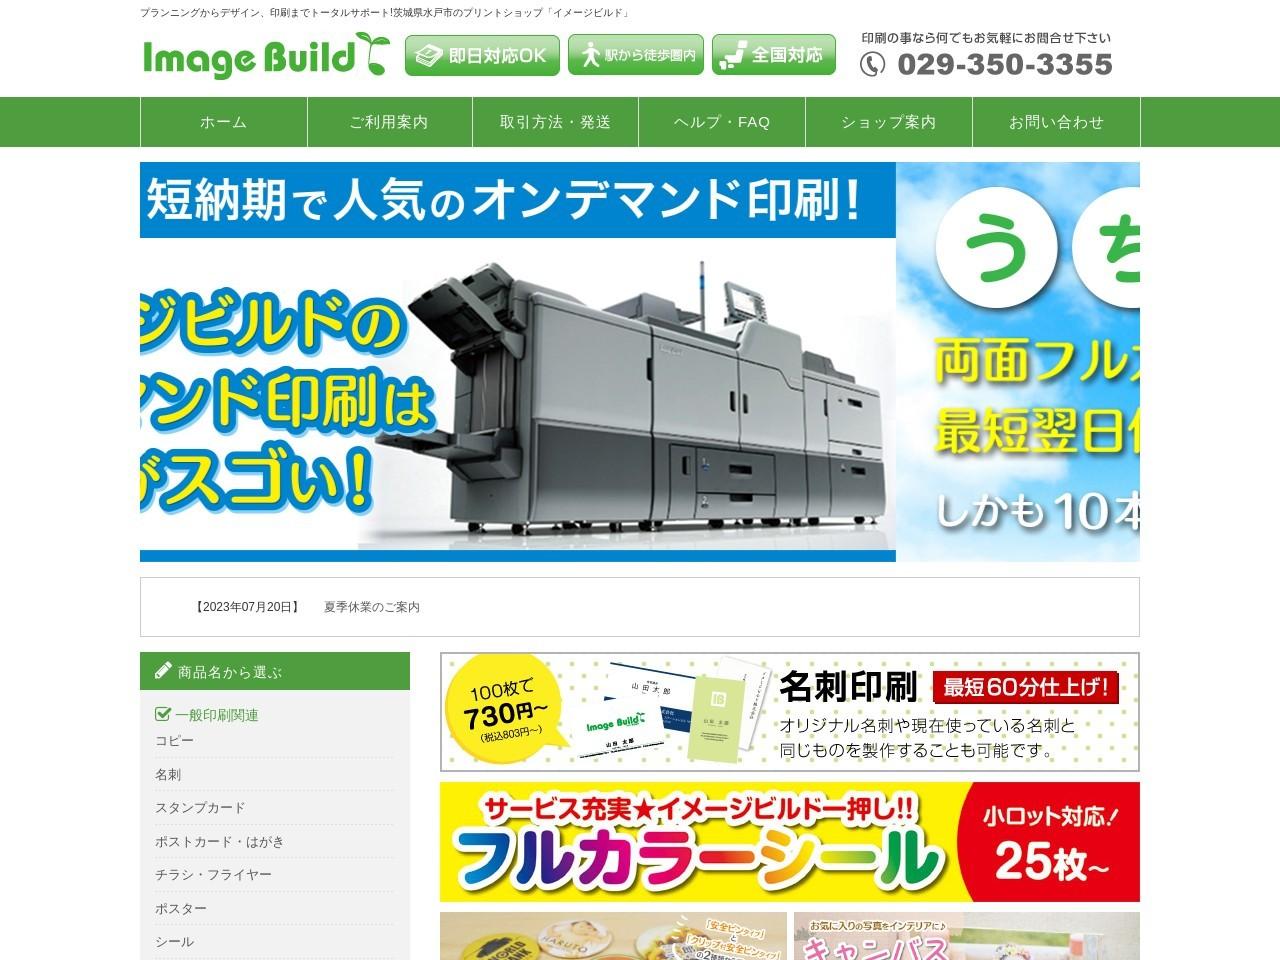 プリントショップイメージビルド | 茨城県水戸市 印刷・デザイン